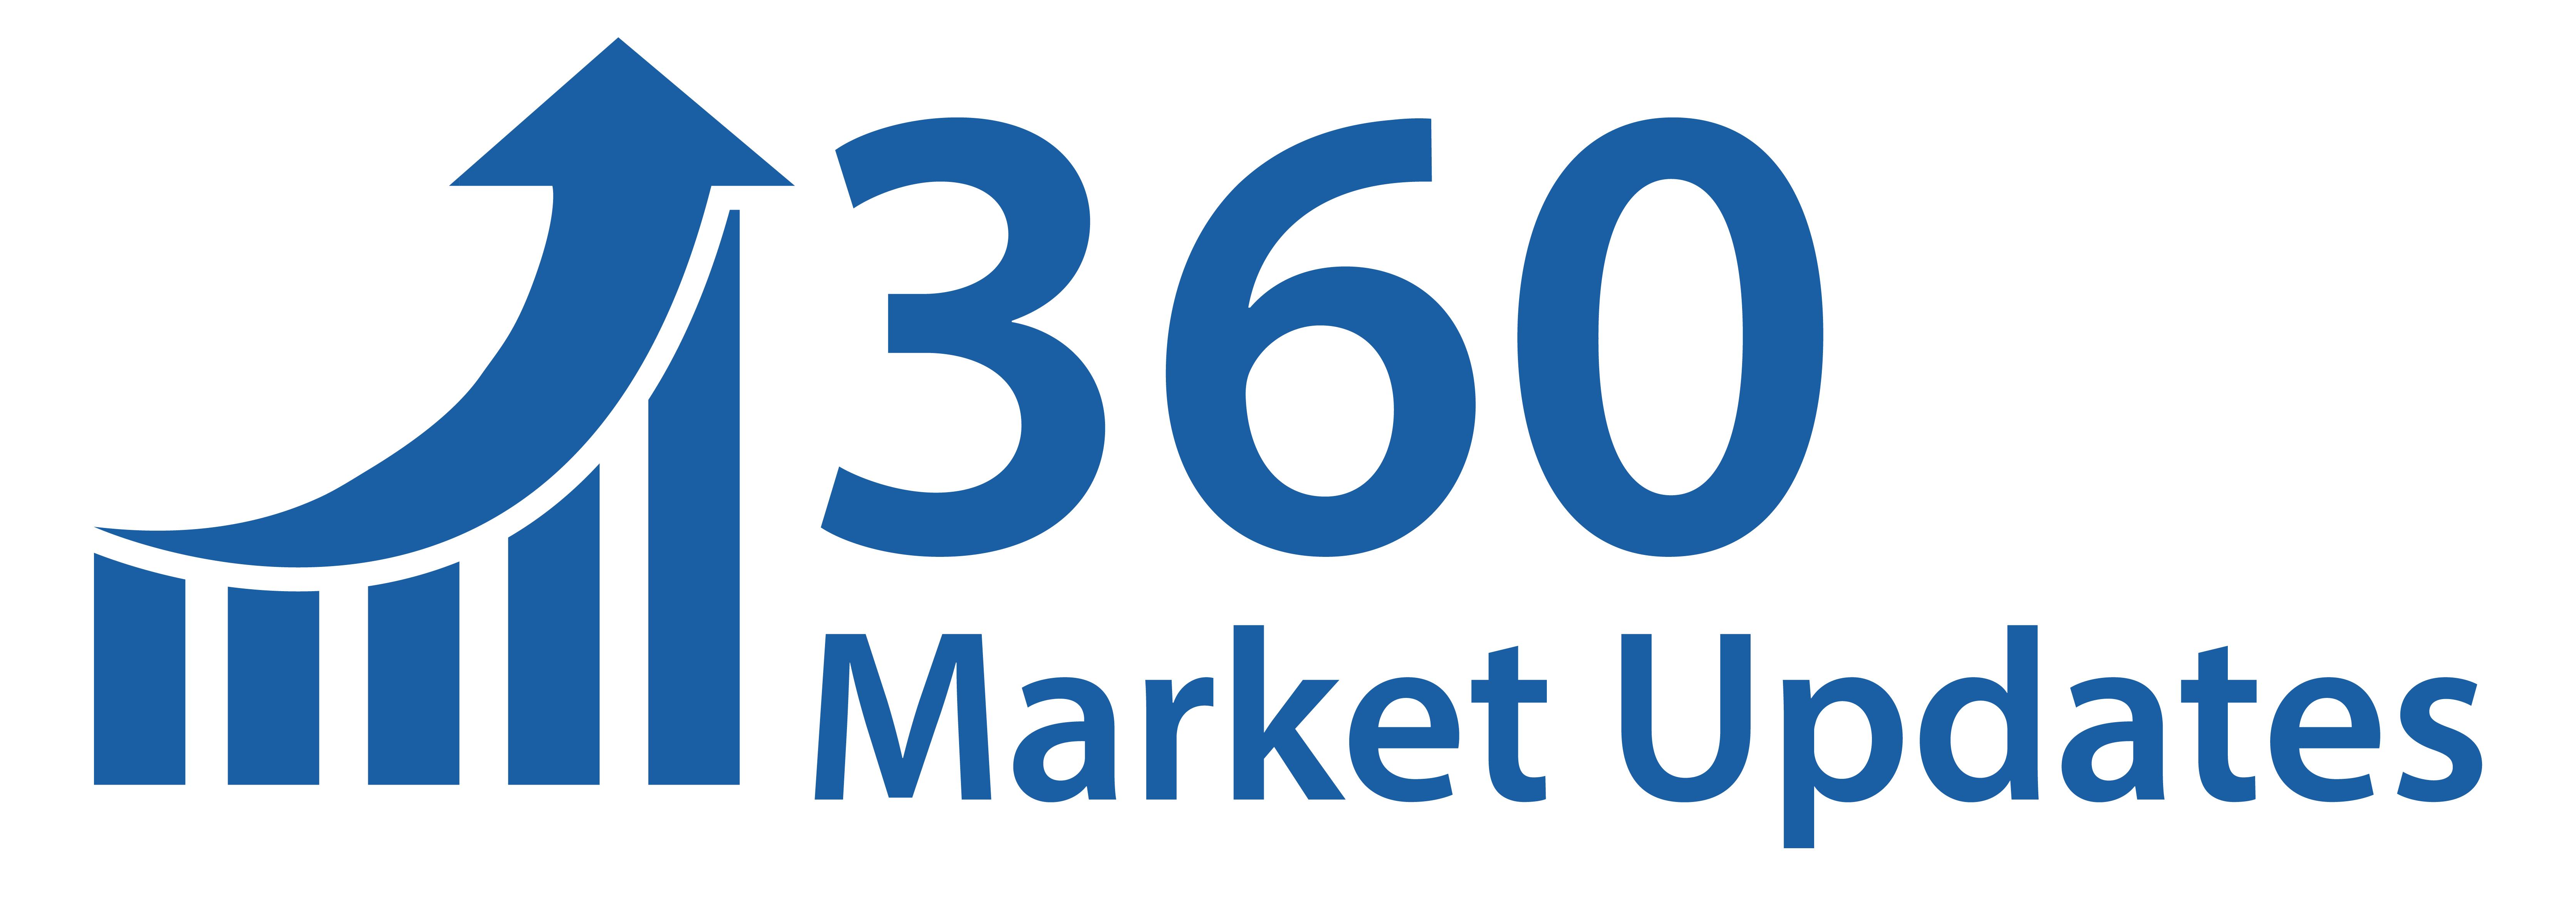 Automotive Cabin Air Quality Sensor Market 2020 – Industrienachfrage, Aktie, Größe, Zukunftstrends Pläne, Wachstumschancen, Schlüsselakteure, Anwendung, Nachfrage, Branchenforschungsbericht von Regional Forecast to 2024